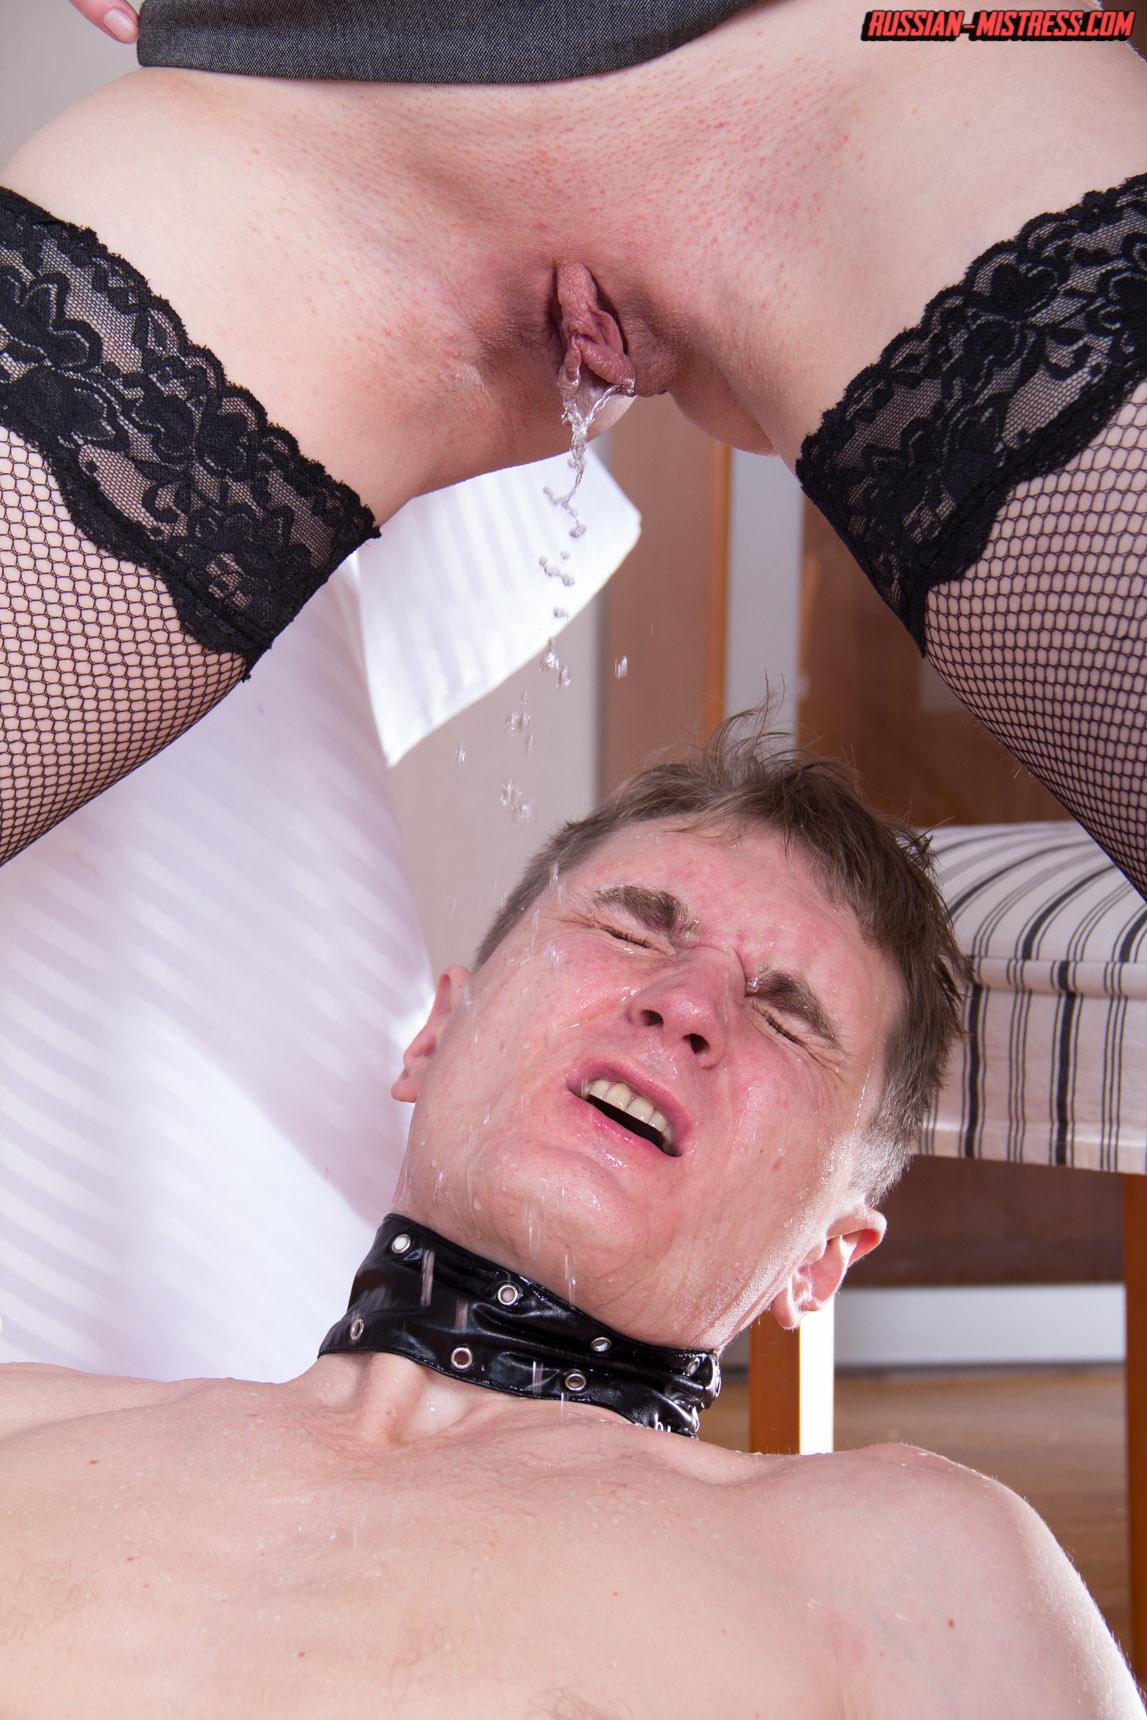 Pissing Pornofotos. Galerie № 873. Foto - 12